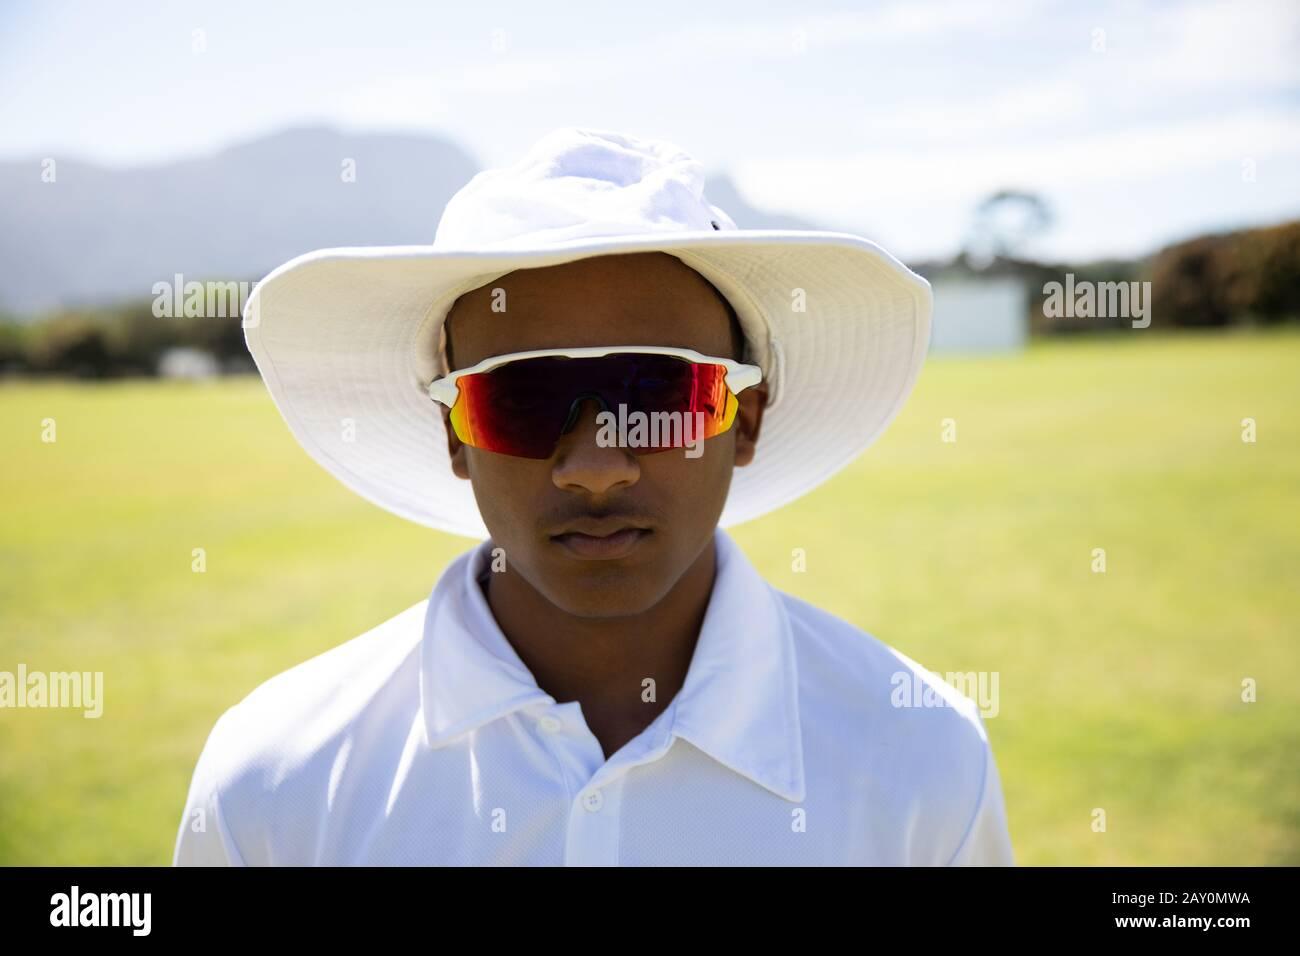 Jugador de cricket mirando la cámara Foto de stock